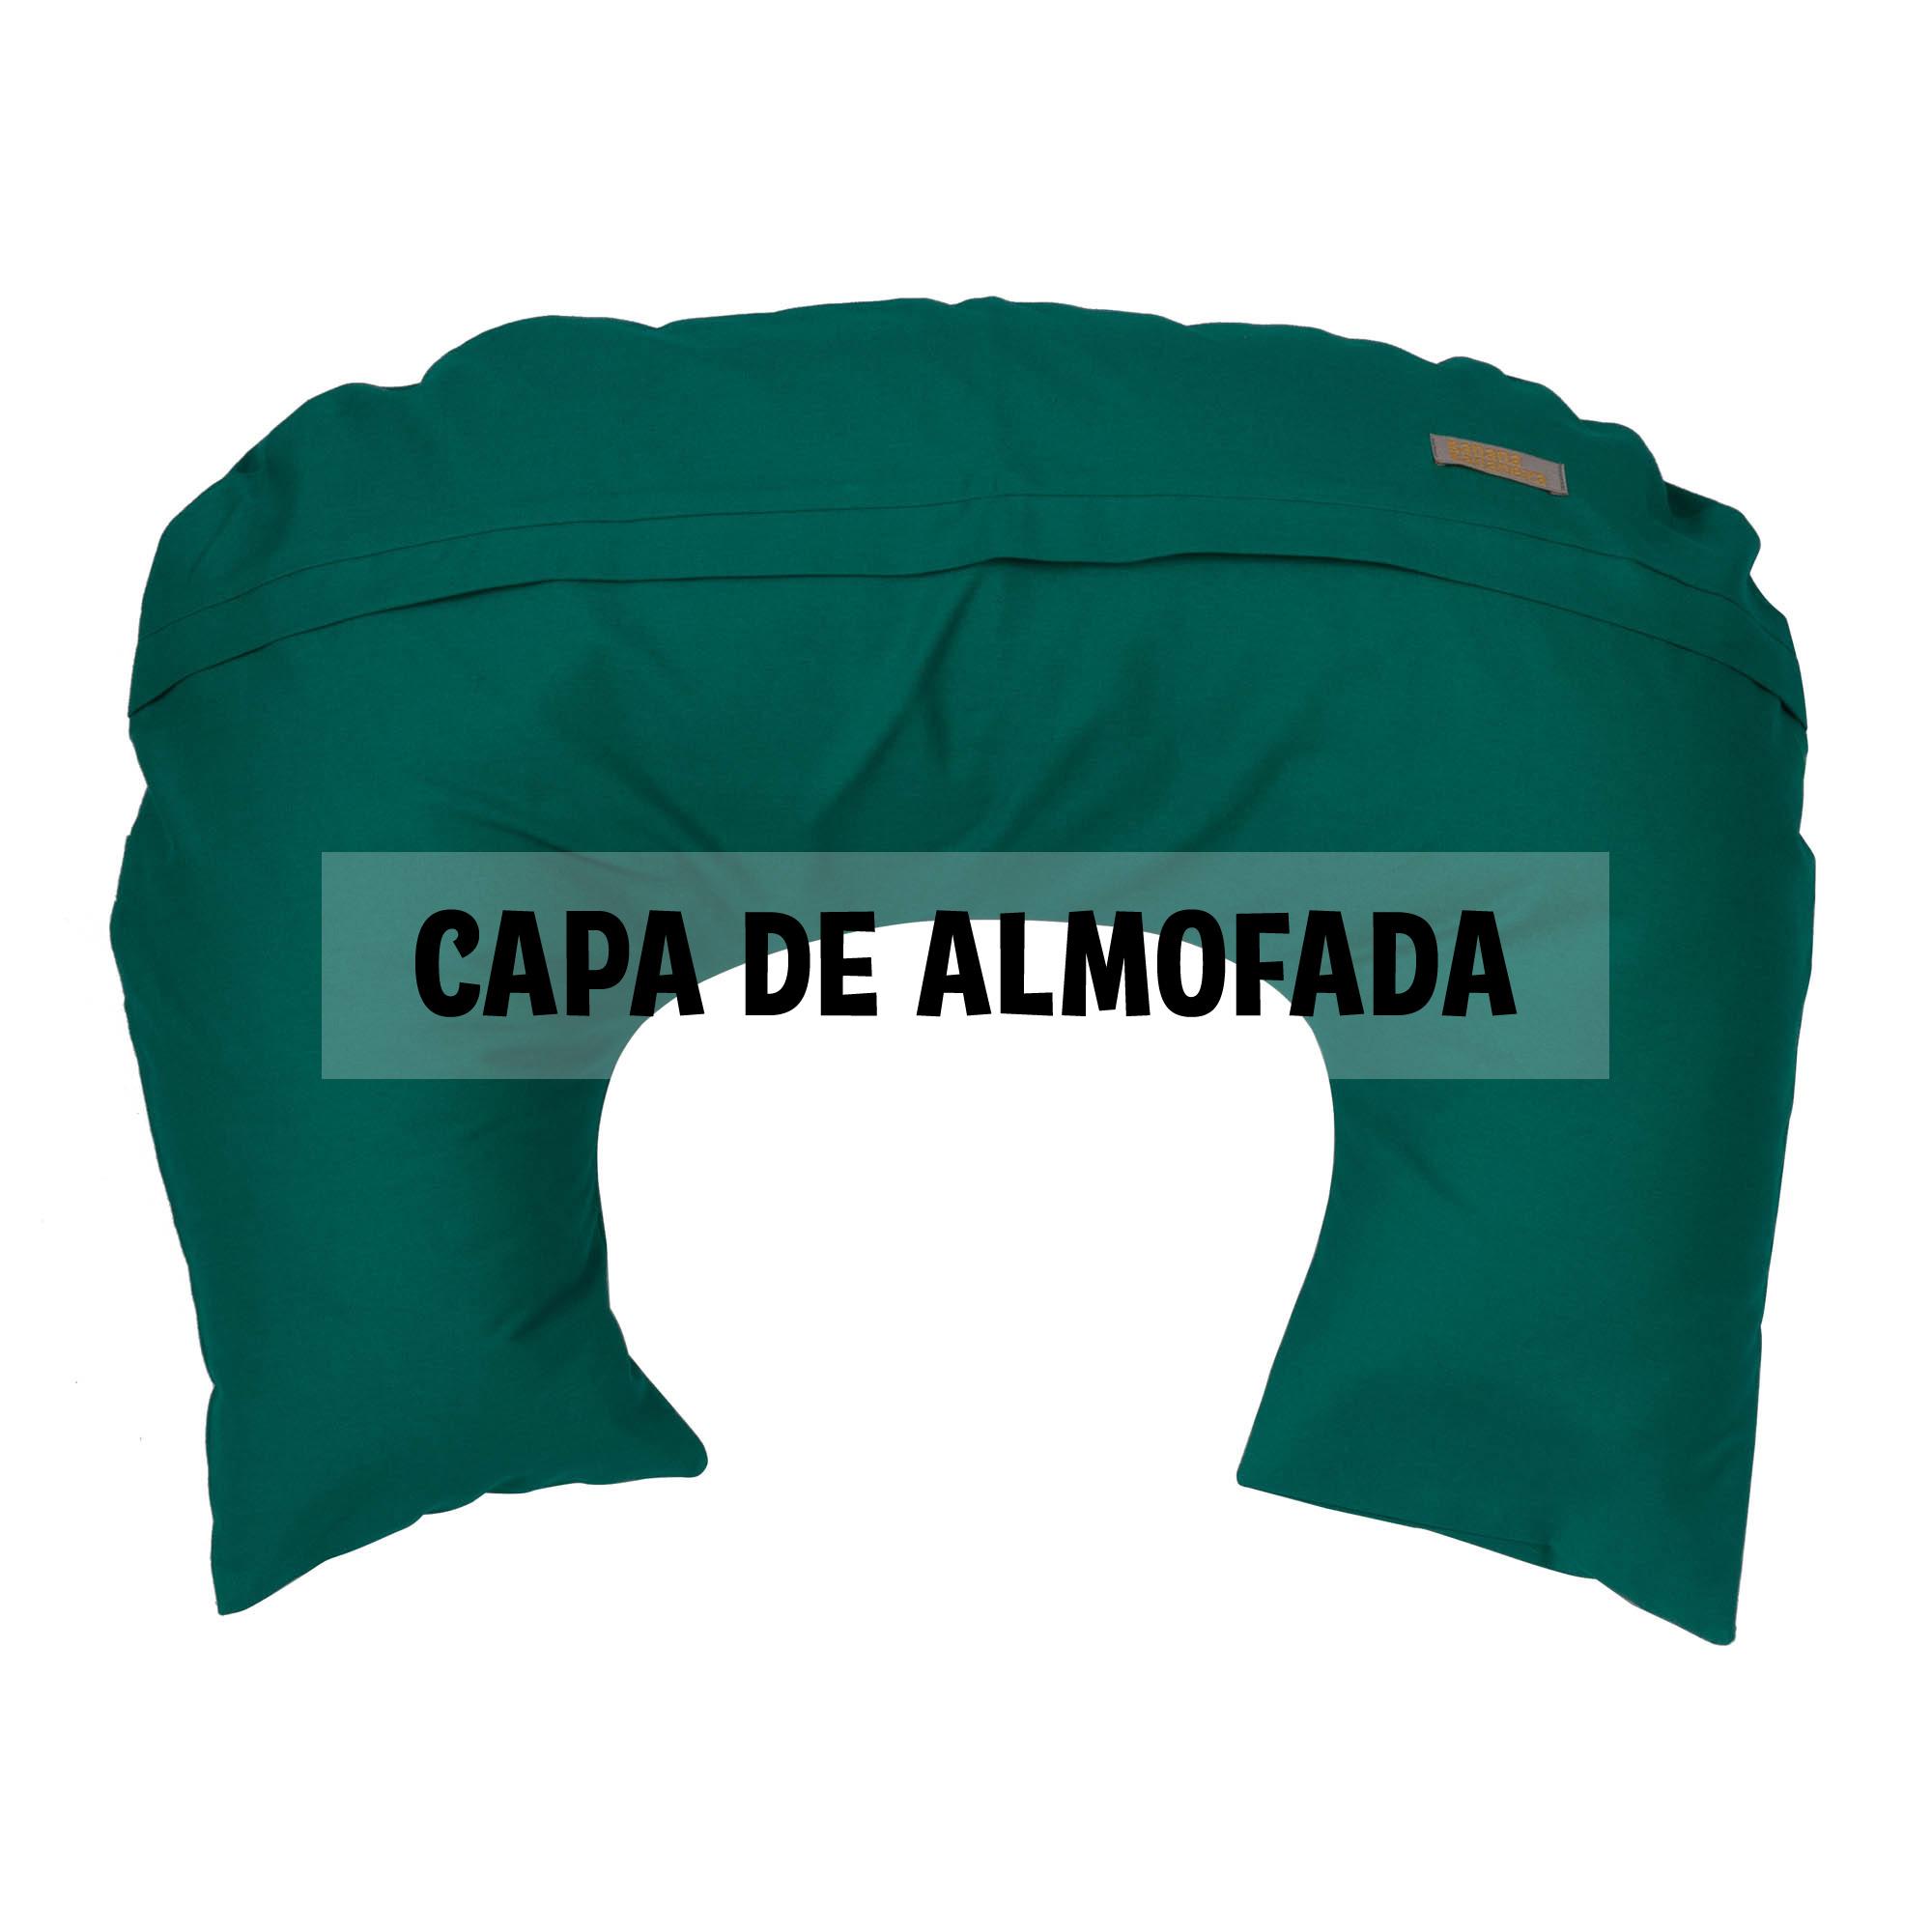 Capa de almofada de amamentação verde esmeralda